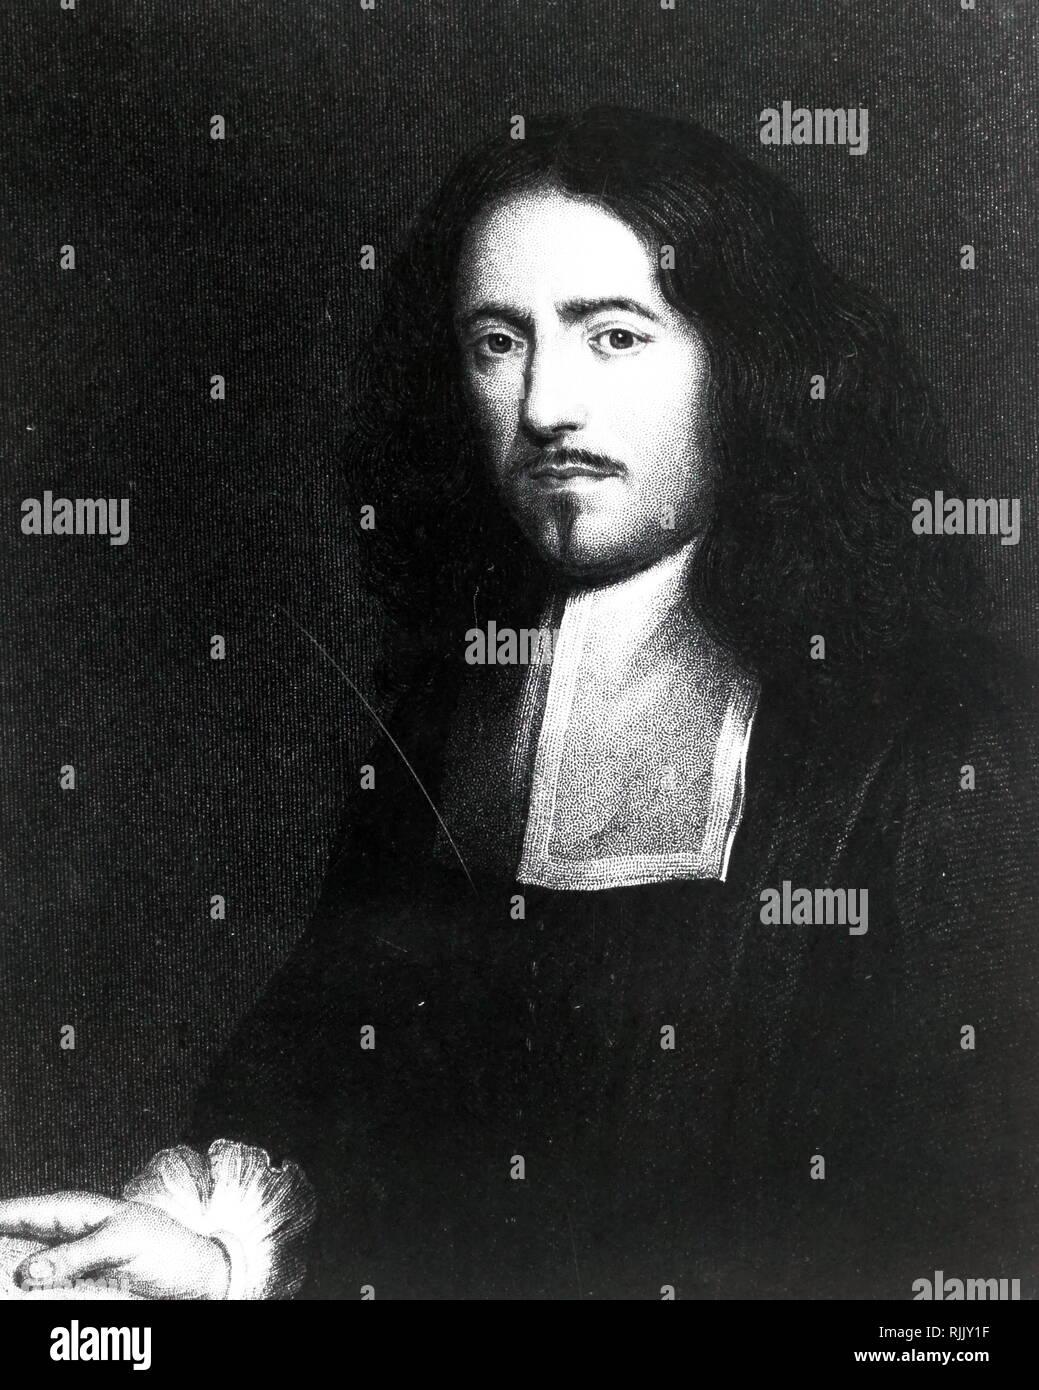 """Portrait von Marcello Malpighi (1628-1694); italienische Biologe und Arzt, der als """"Vater der mikroskopisch Anatomie, Histologie, Physiologie und Embryologie"""" bezeichnet. Stockbild"""